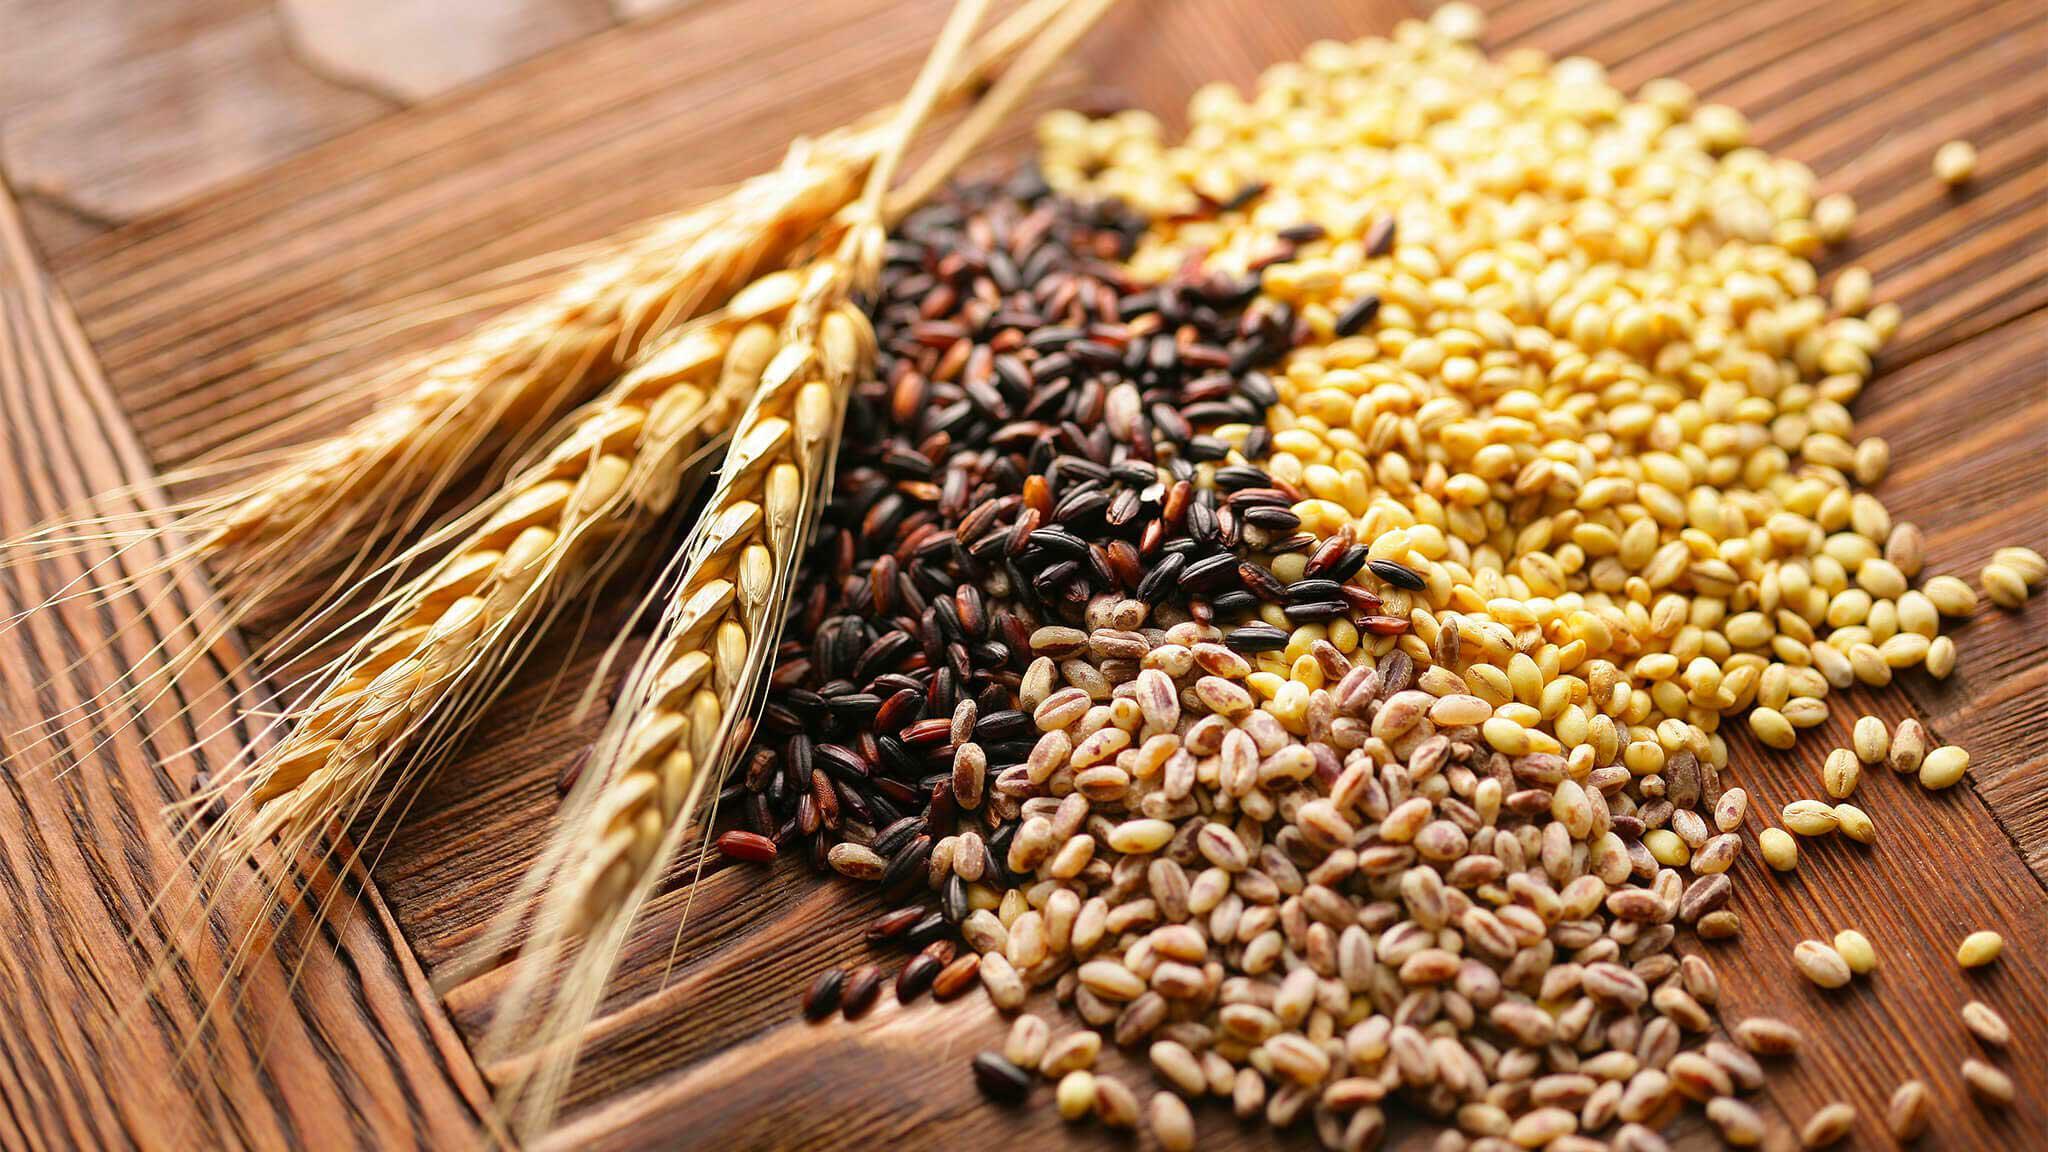 cereali integrali - quali sono i cereali integrali?